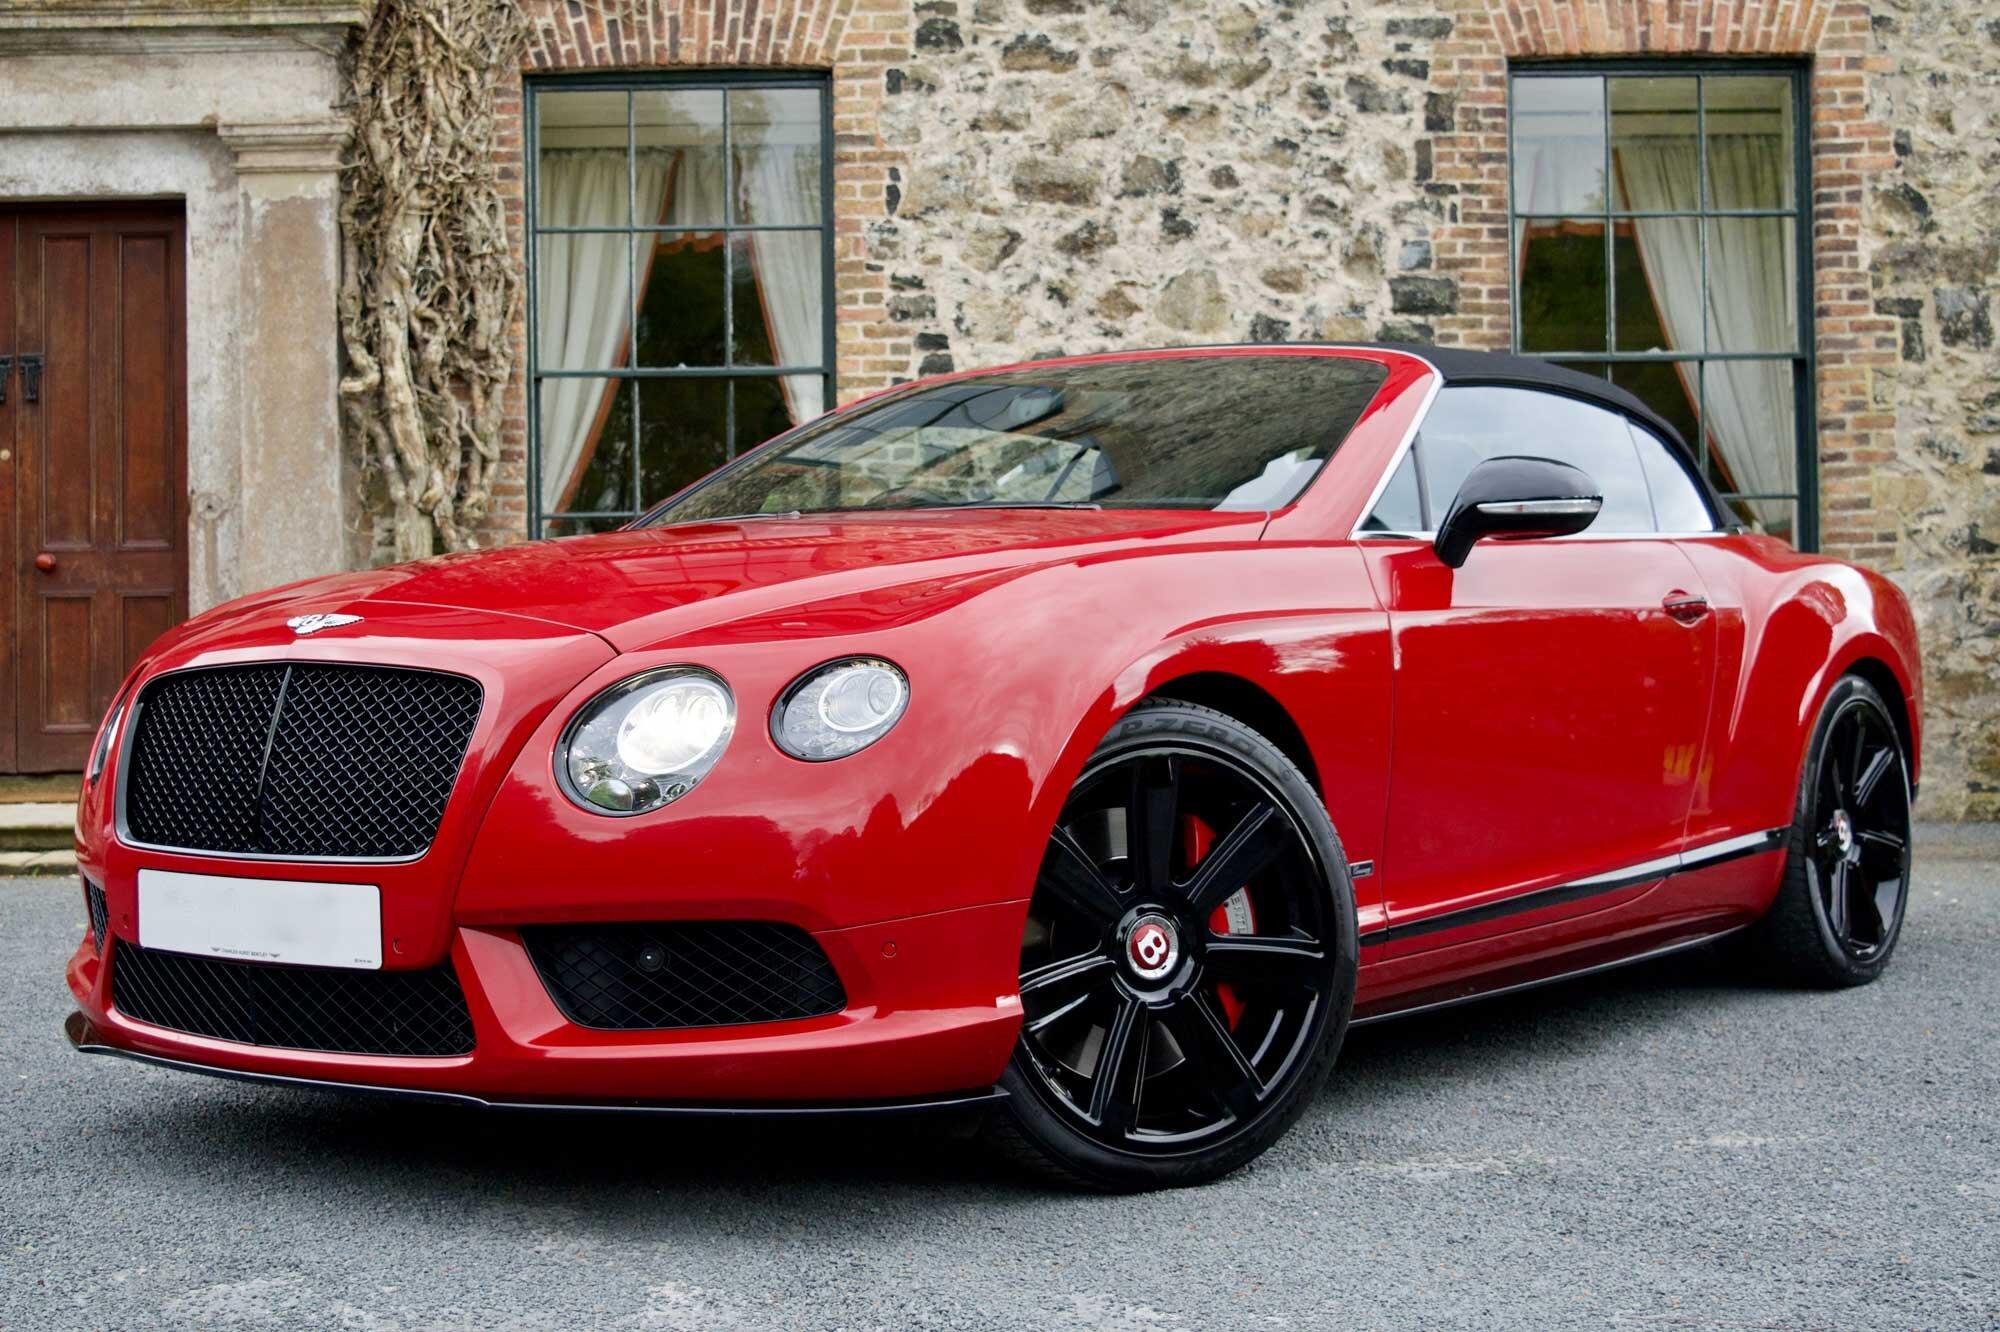 2015 Bentley Continental 4.0 V8 GTC S 2dr